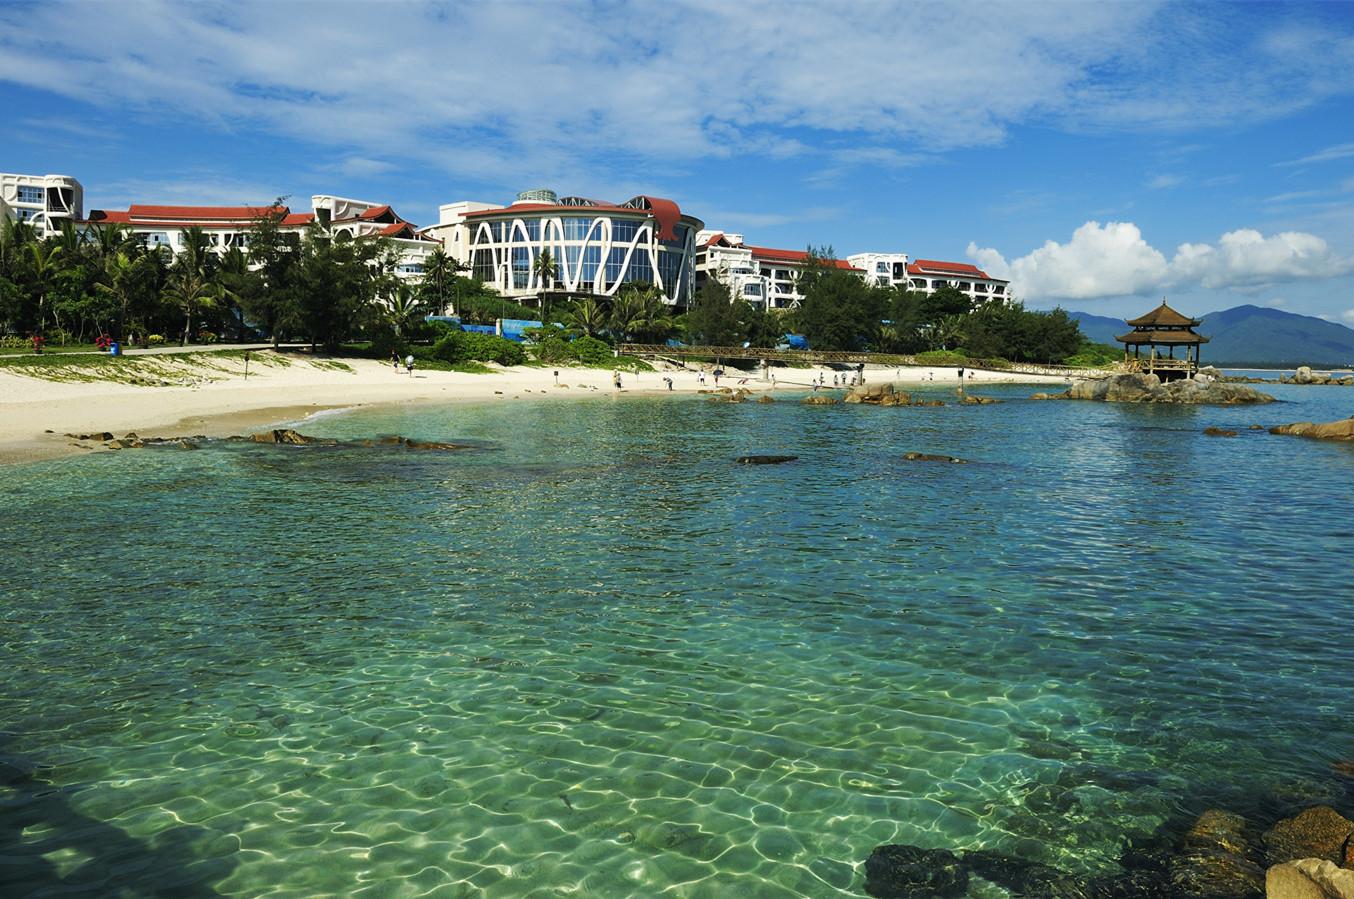 Wuzhizhou Coral Resort Sanya Hainan Island, right on Wuzhizhou Islet